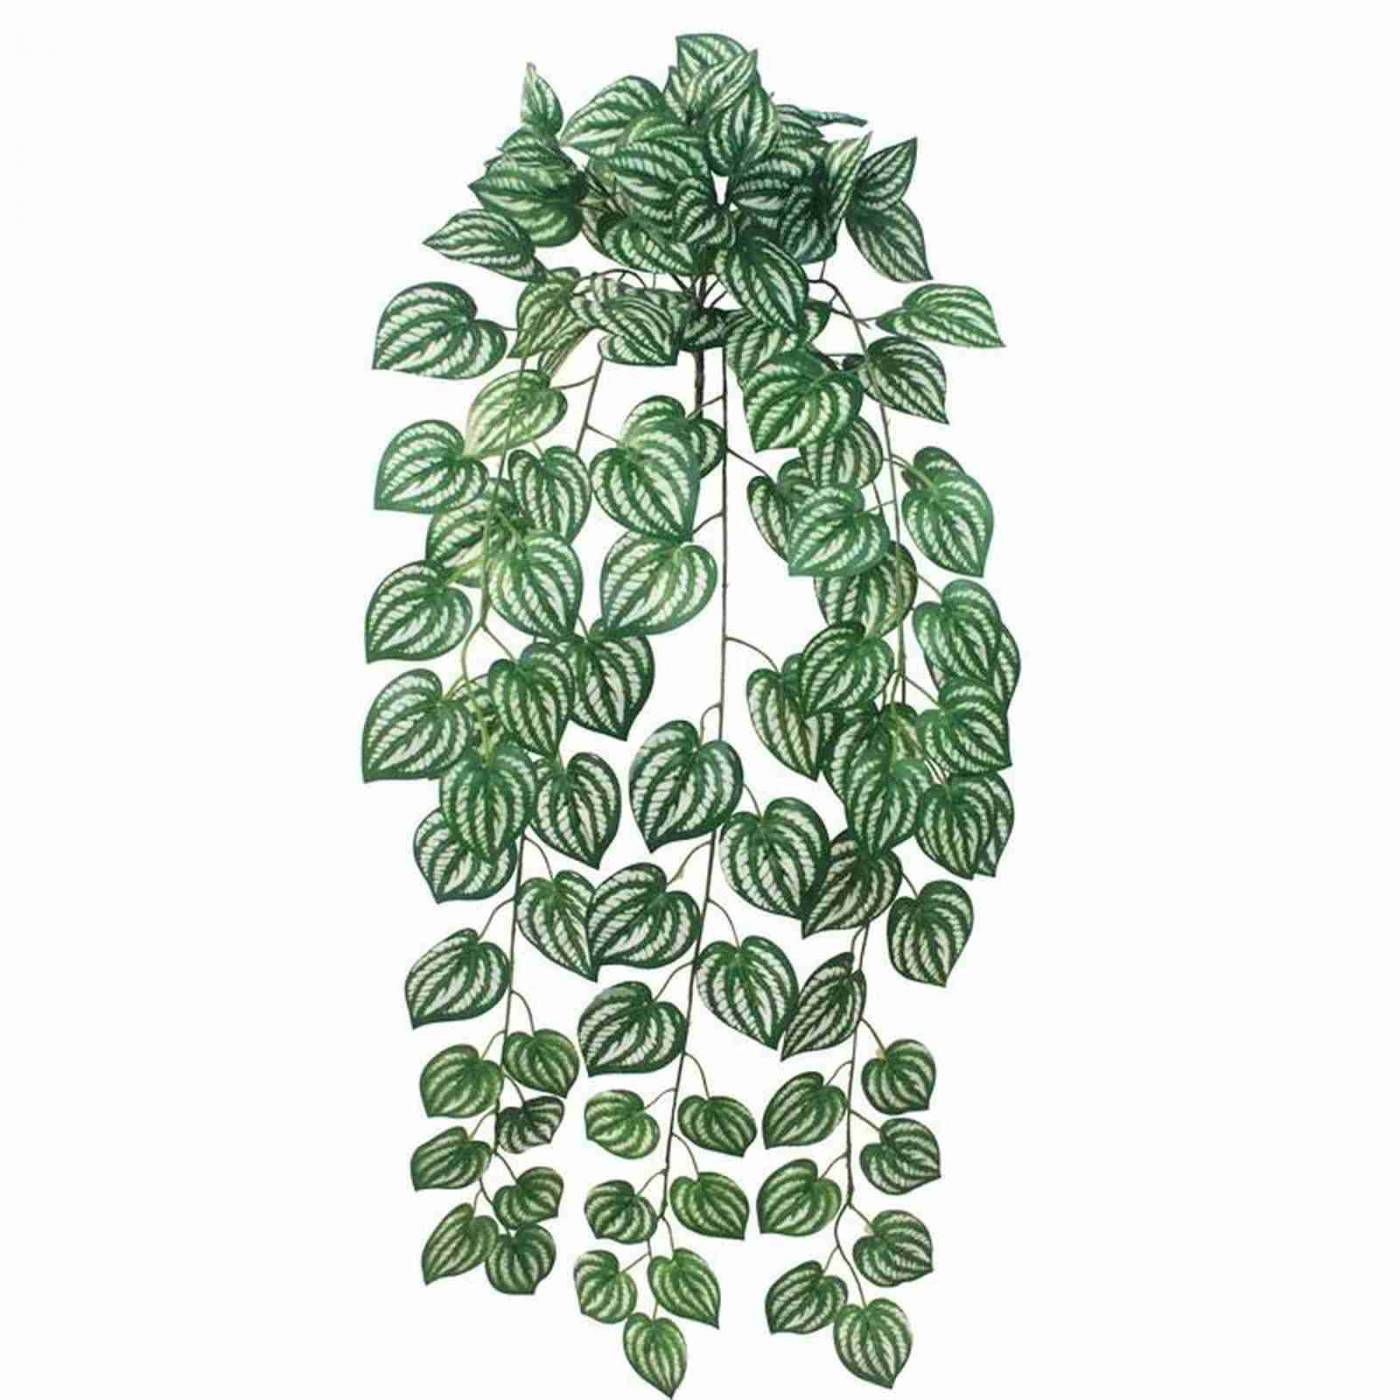 Galhos de folhas de melancia artificiais planta artificial